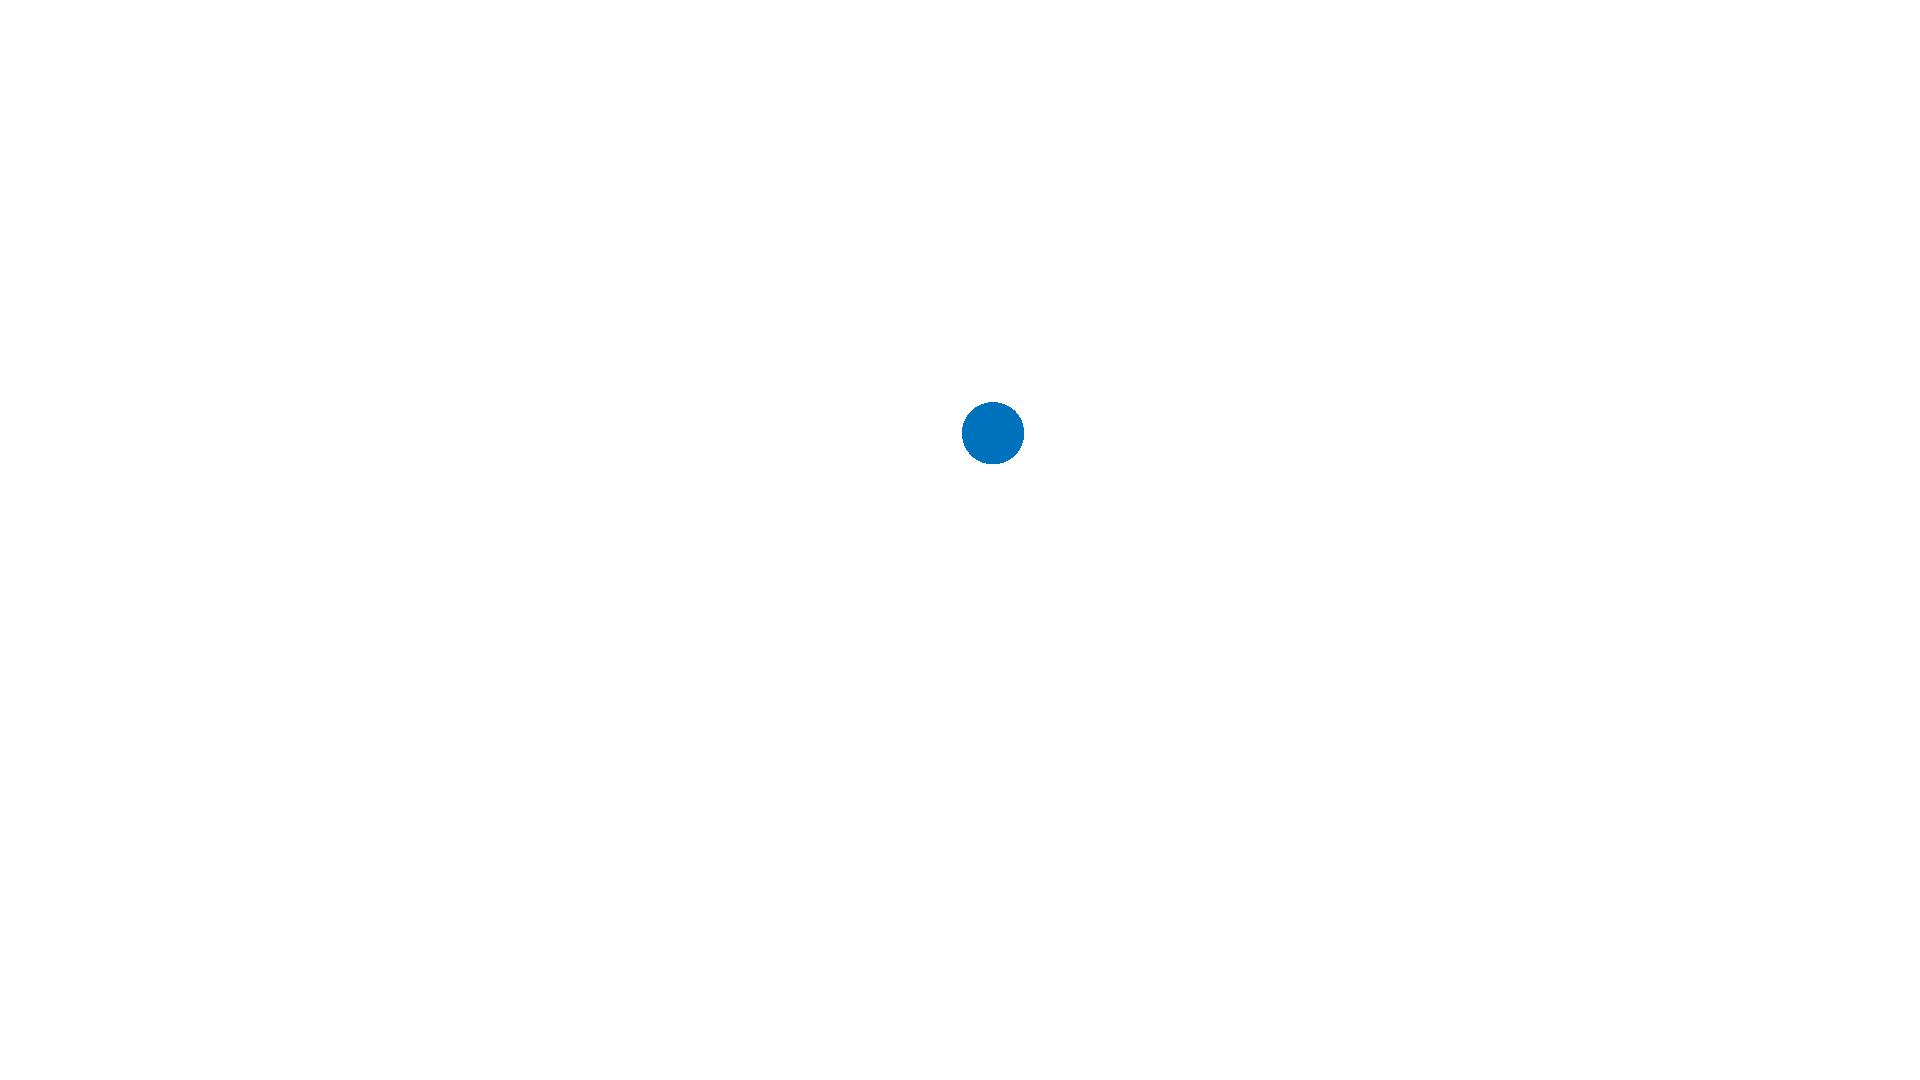 LHKids_logo_text.png